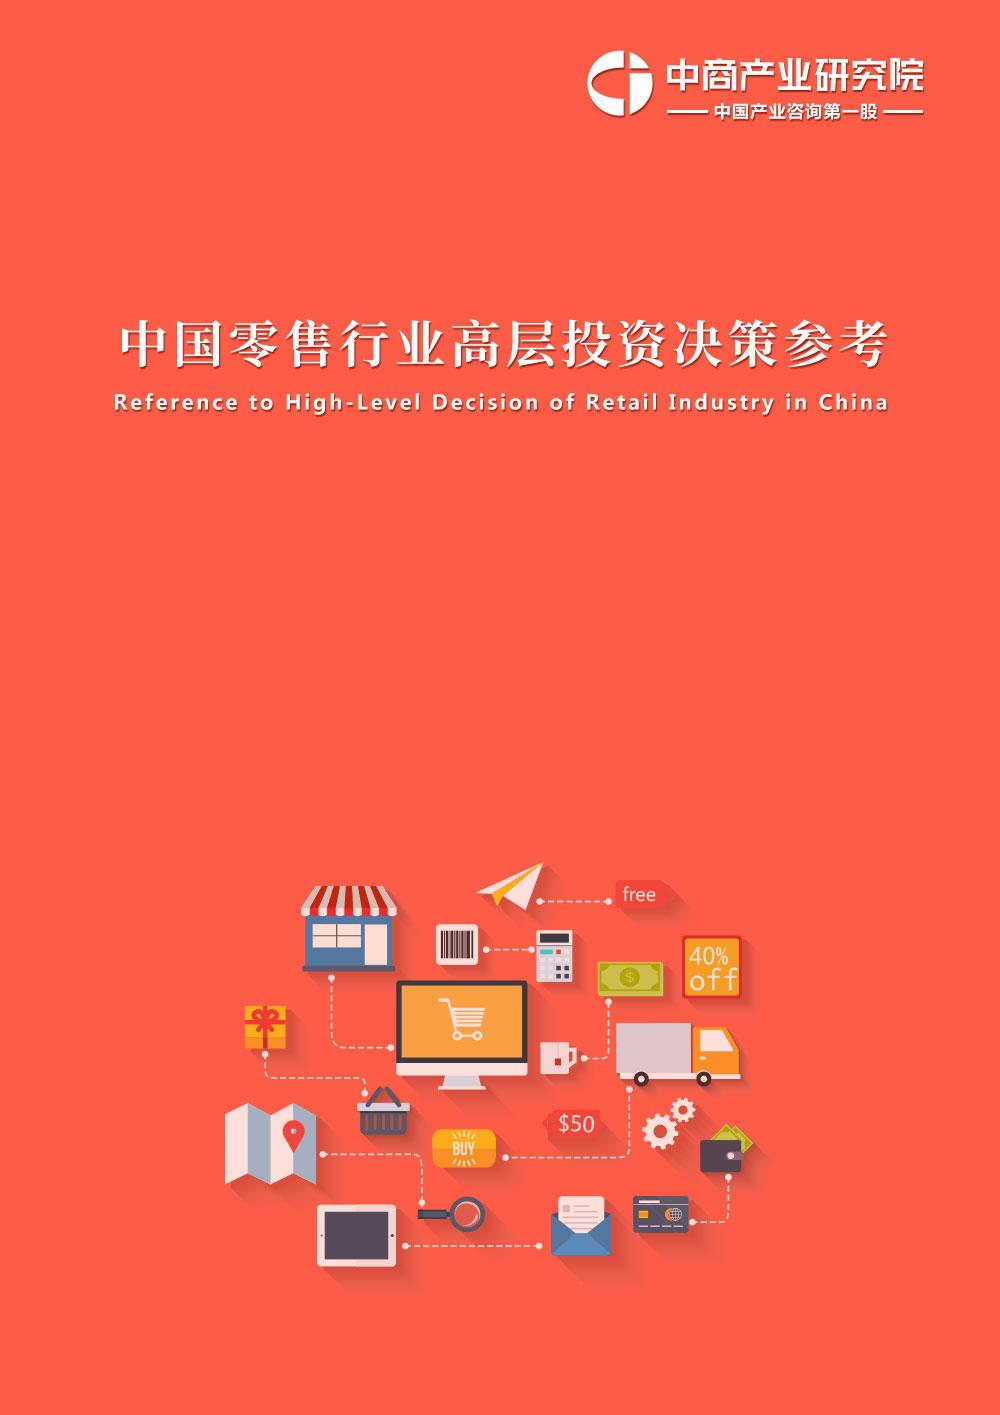 中国零售消费行业投资决策参考(2019年11月)